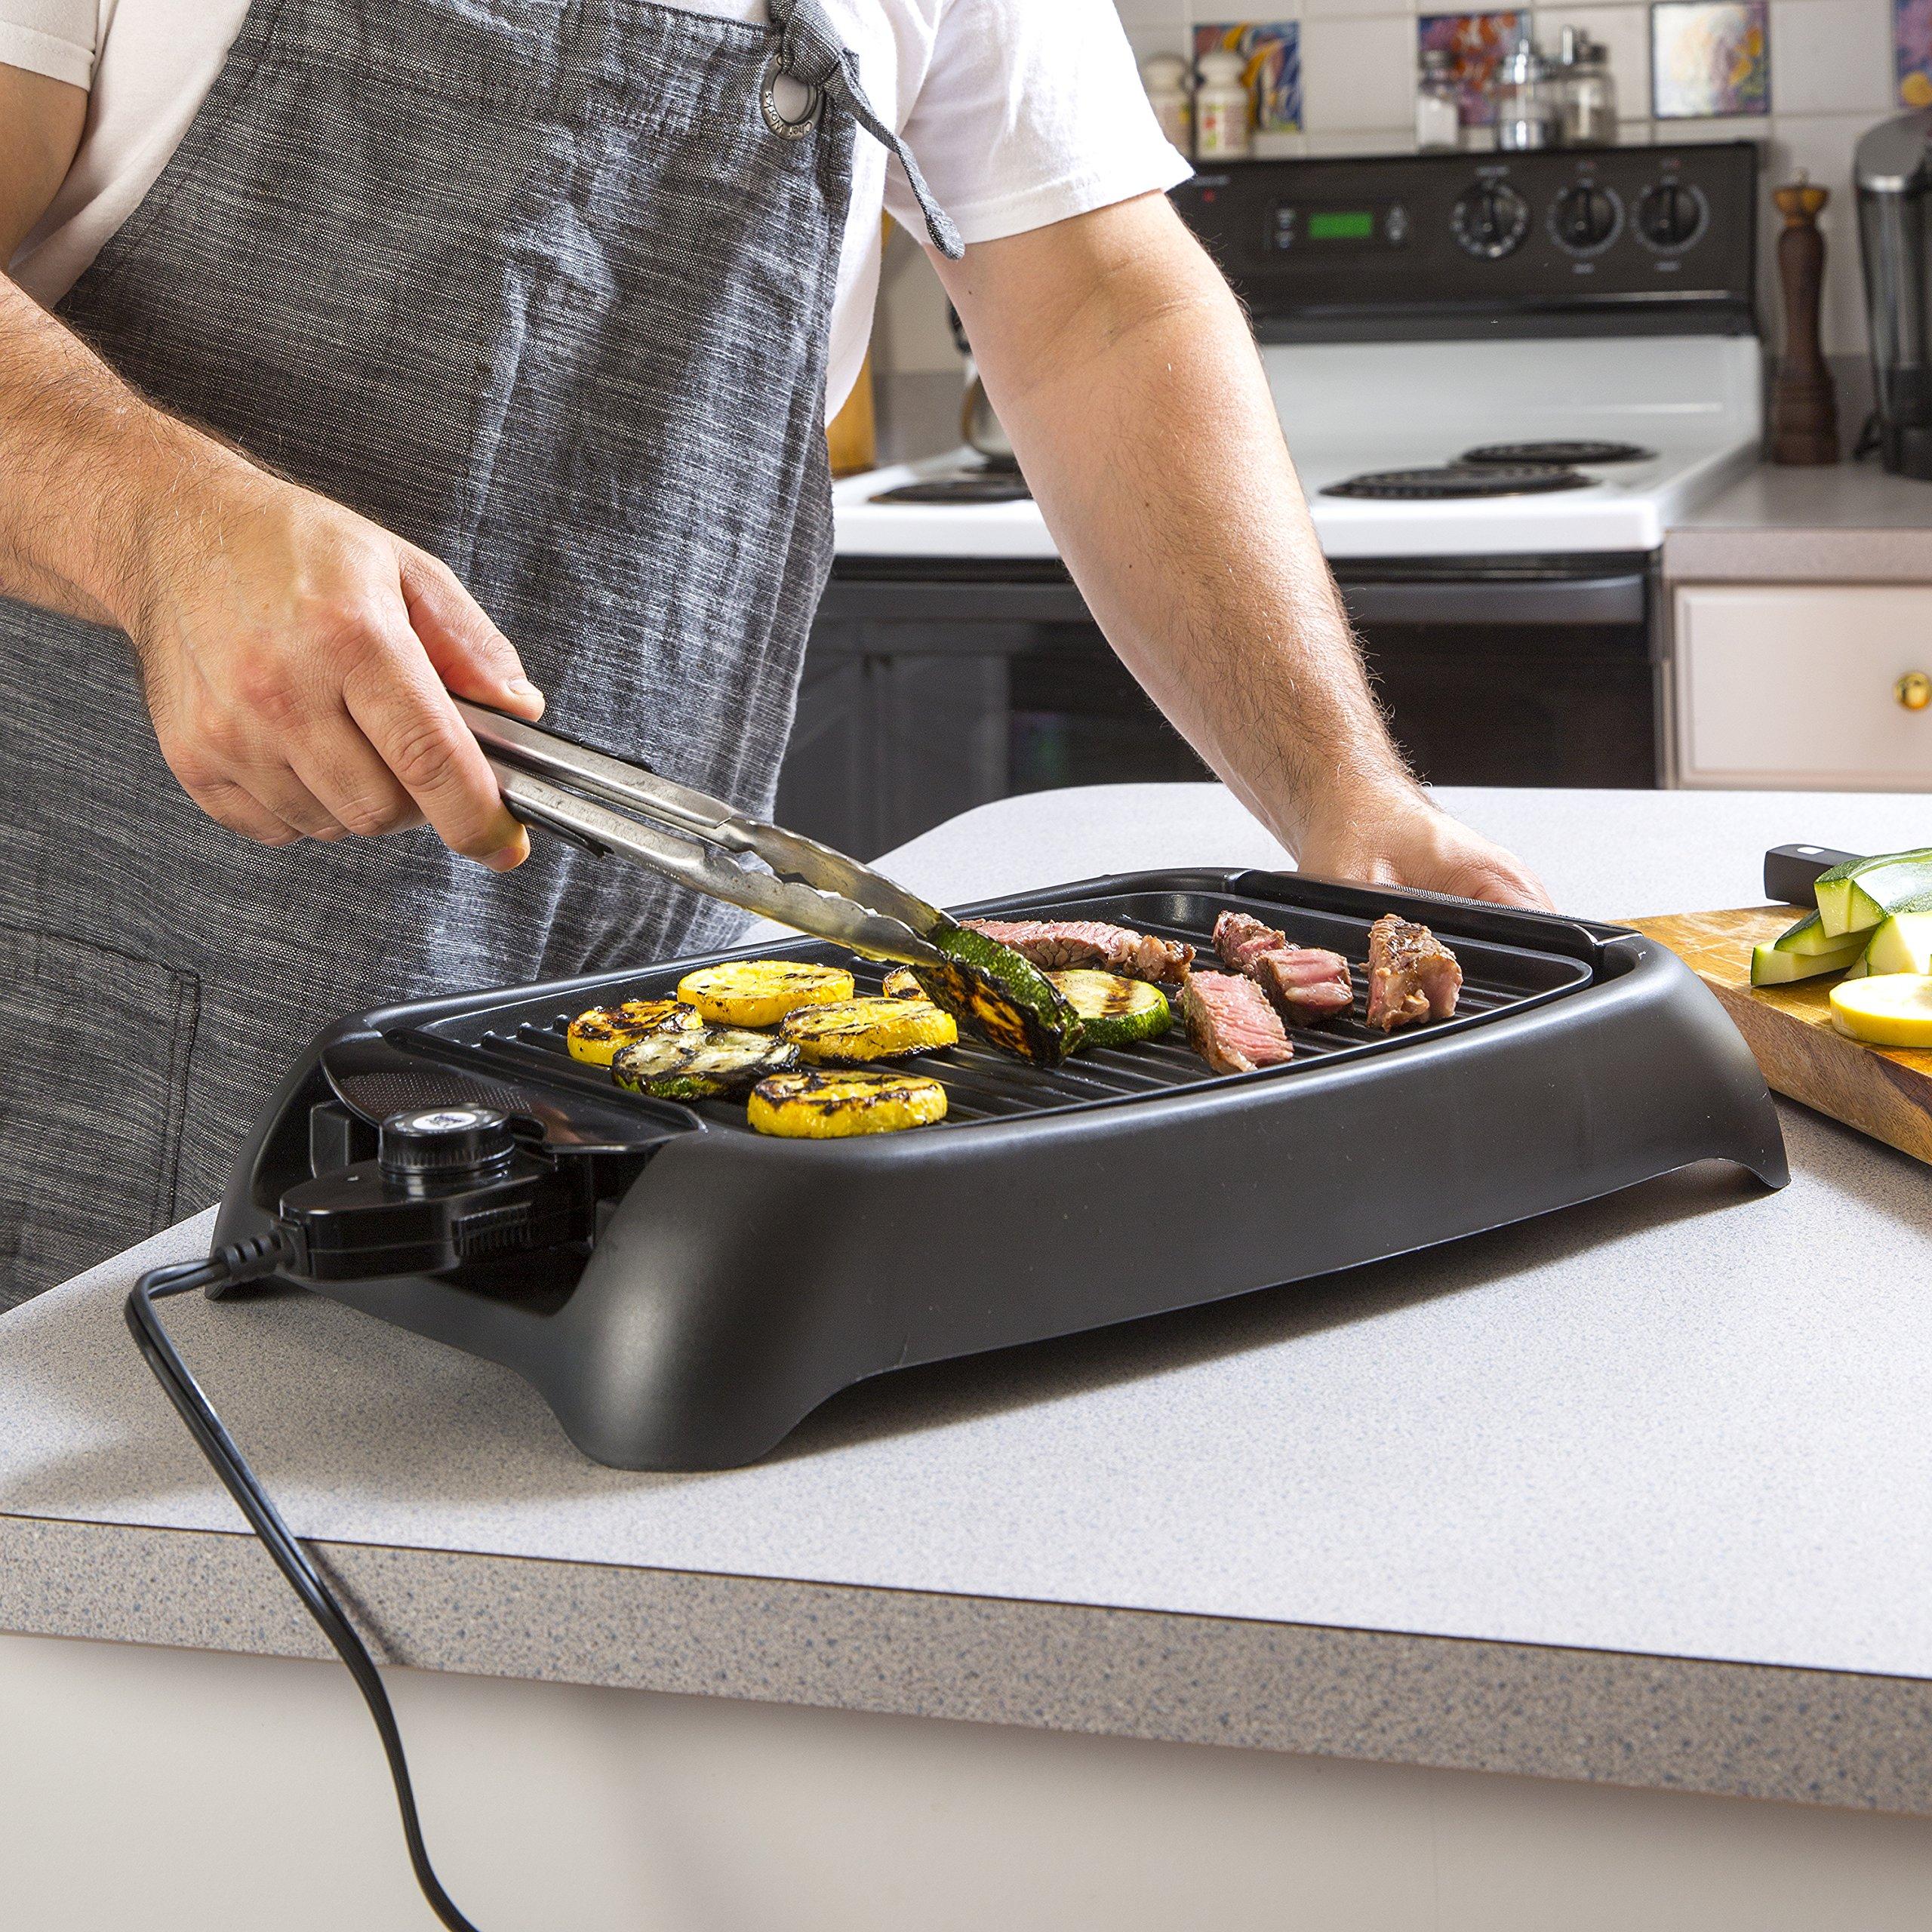 Black 13-inch Maxi-Matic EGL-3450 Indoor Grill